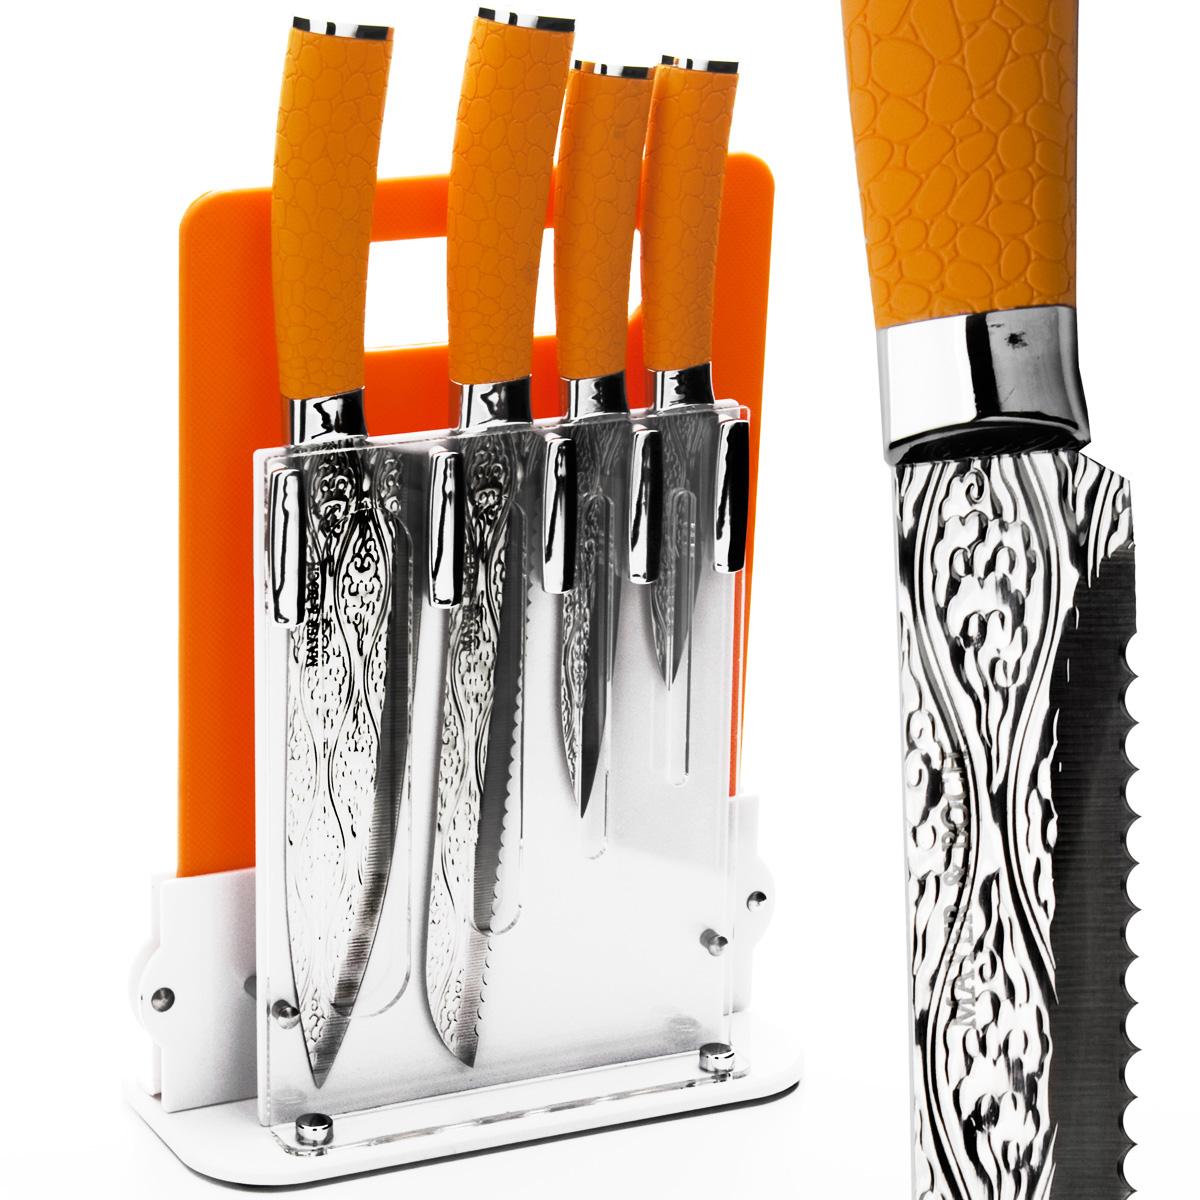 Набор ножей Mayer & Boch, цвет: оранжевый, 6 предметов. 2413724137Набор ножей Mayer & Boch состоит из 4 ножей (поварской, хлебный, универсальный, для очистки), разделочнойдоски и подставки. Лезвия ножей выполнены из высококачественной нержавеющей стали с покрытием non-stick иукрашены изысканным рельефом. Такое покрытие предотвращает прилипание продуктов к лезвию ножа,продукты моментально отлипают, что позволяет нарезать быстро. Покрытие также предотвращает ржавление.Режущая кромка лезвий устойчива к притуплению.Рукоятки эргономичной формы выполнены из пластика с прорезиненным покрытием. Специальный дизайнрукоятки обеспечивает комфортный и легко контролируемый захват.В комплект входит акриловая подставка и пластиковая разделочная доска прямоугольной формы.В наборе есть все необходимое для ежедневной нарезки фруктов, овощей и мяса. Ножи не рекомендуется мыть впосудомоечной машине.Длина лезвия поварского ножа: 20,3 см.Общая длина поварского ножа: 33 см.Длина лезвия универсального ножа: 12,7 см.Общая длина универсального ножа: 23,5 см.Длина лезвия хлебного ножа: 20,3 см.Общая длина хлебного ножа: 33 см.Длина лезвия ножа для очистки: 8,9 см.Общая длина ножа для очистки: 20 см.Размер подставки (ДхШхВ): 21 см х 9 см х 22 см.Размер разделочной доски: 28,8 см х 19 см х 0,5 см.